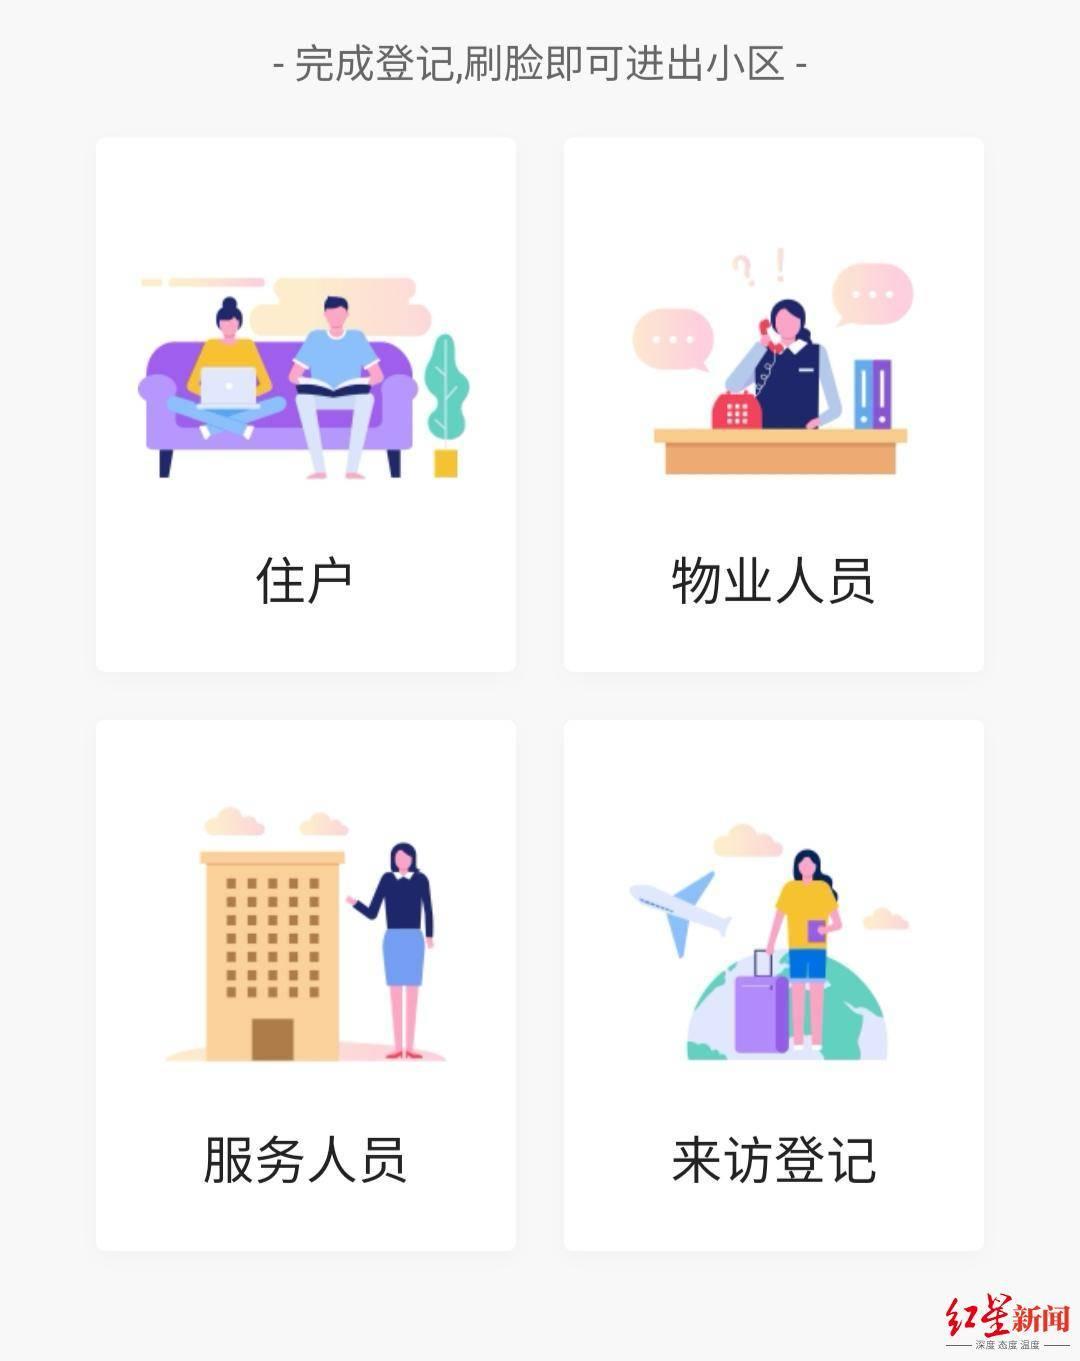 """四川乐山多个小区推""""刷脸""""进出  政协委员建议规范人脸识别技术应用"""